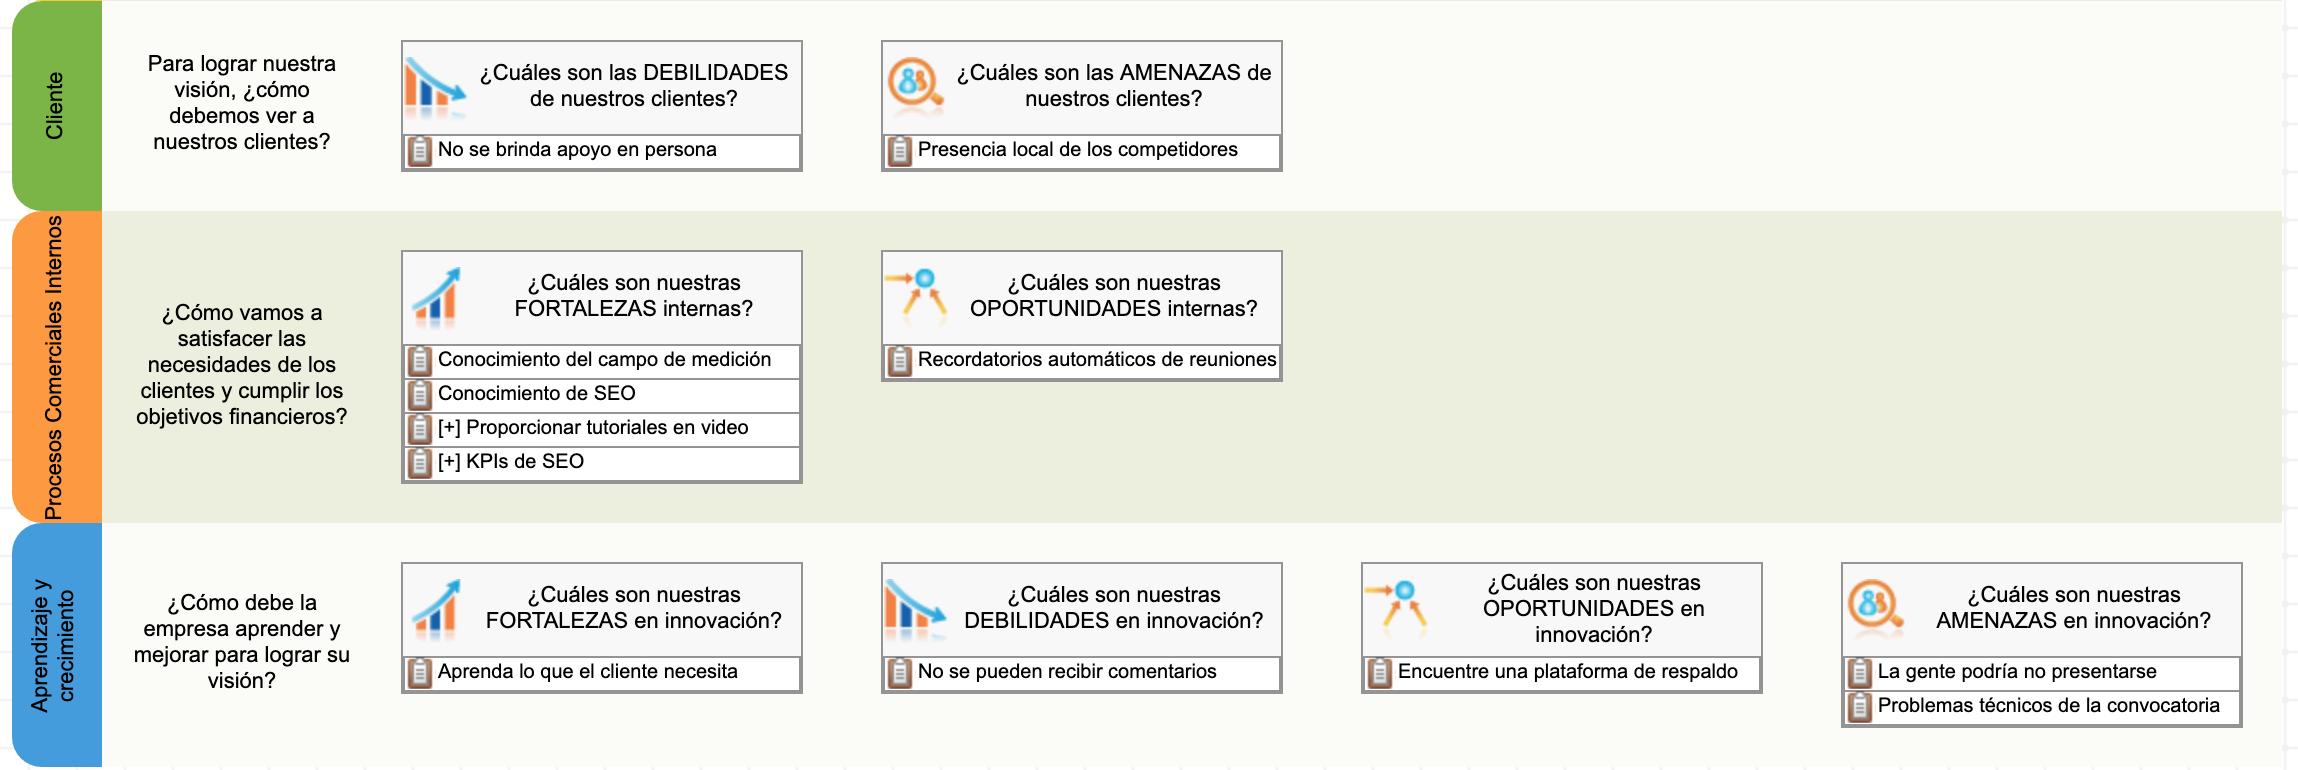 Uso de la plantilla FODA+E - agregando objetivos en la perspectiva interna